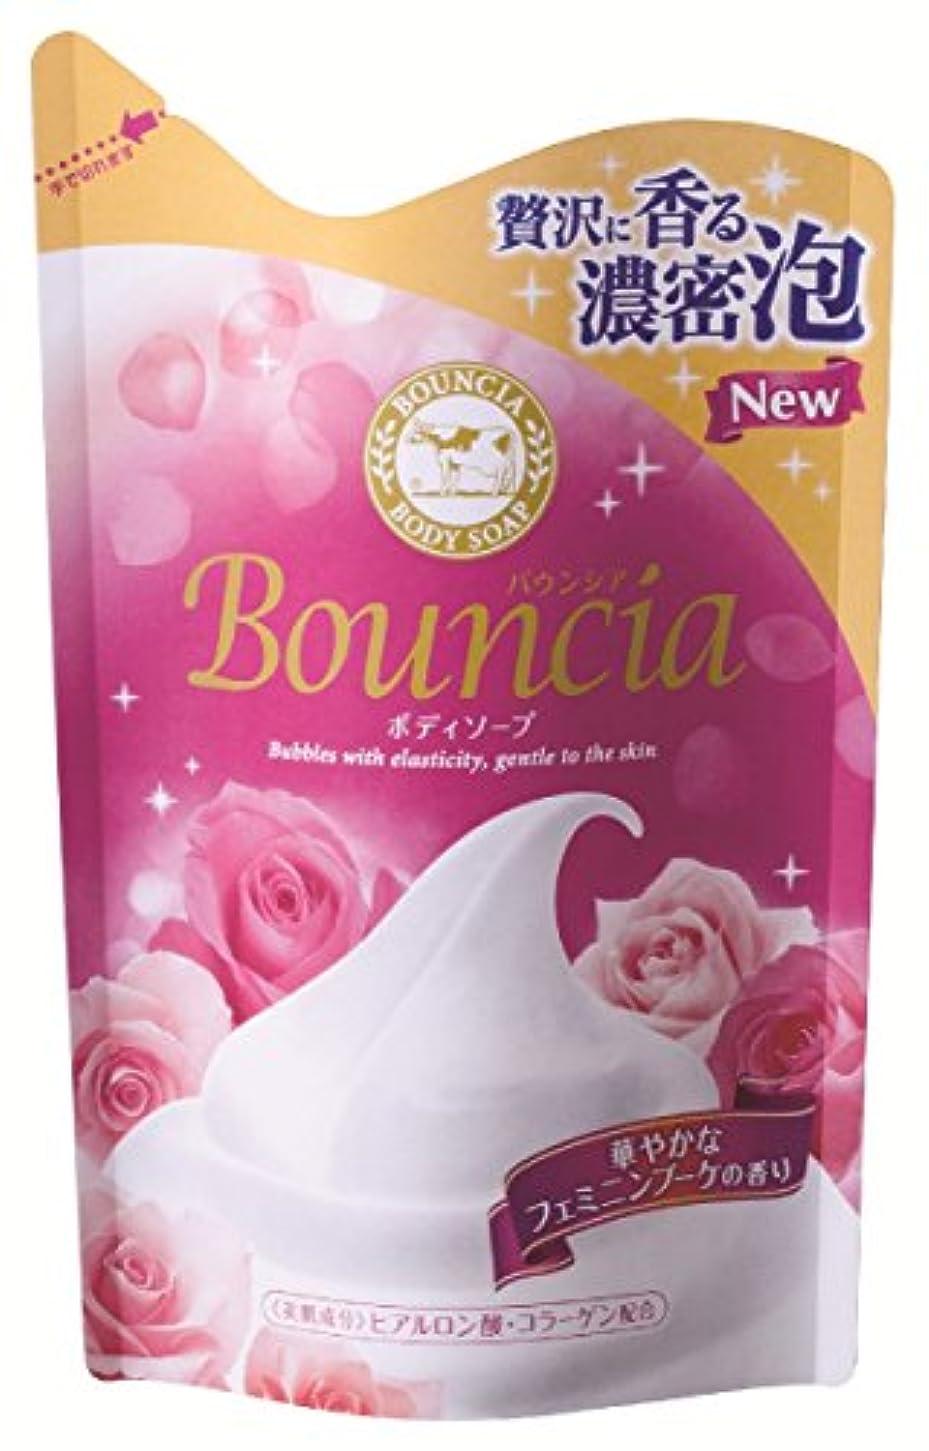 いらいらする操作可能警官バウンシアボディソープ フェミニンブーケの香り 詰替用 430mL